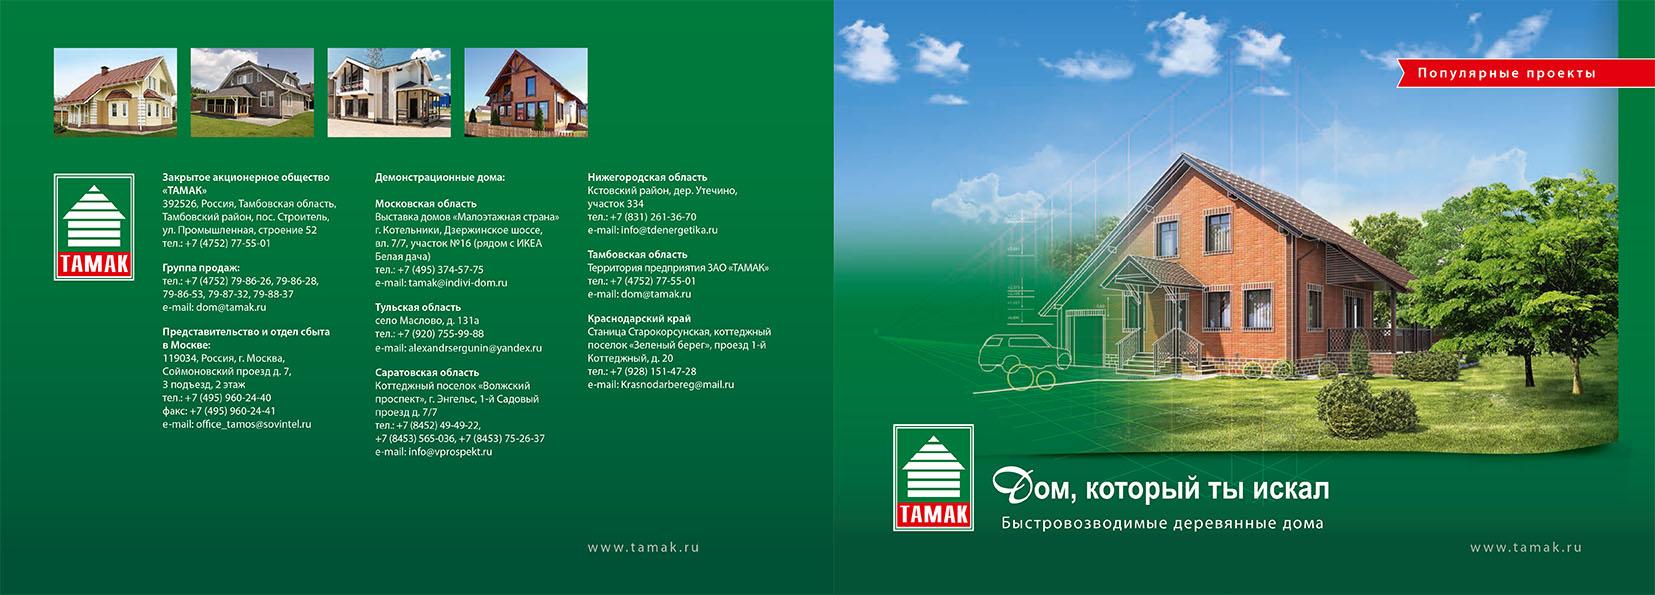 Каталог деревянных домов Тамак